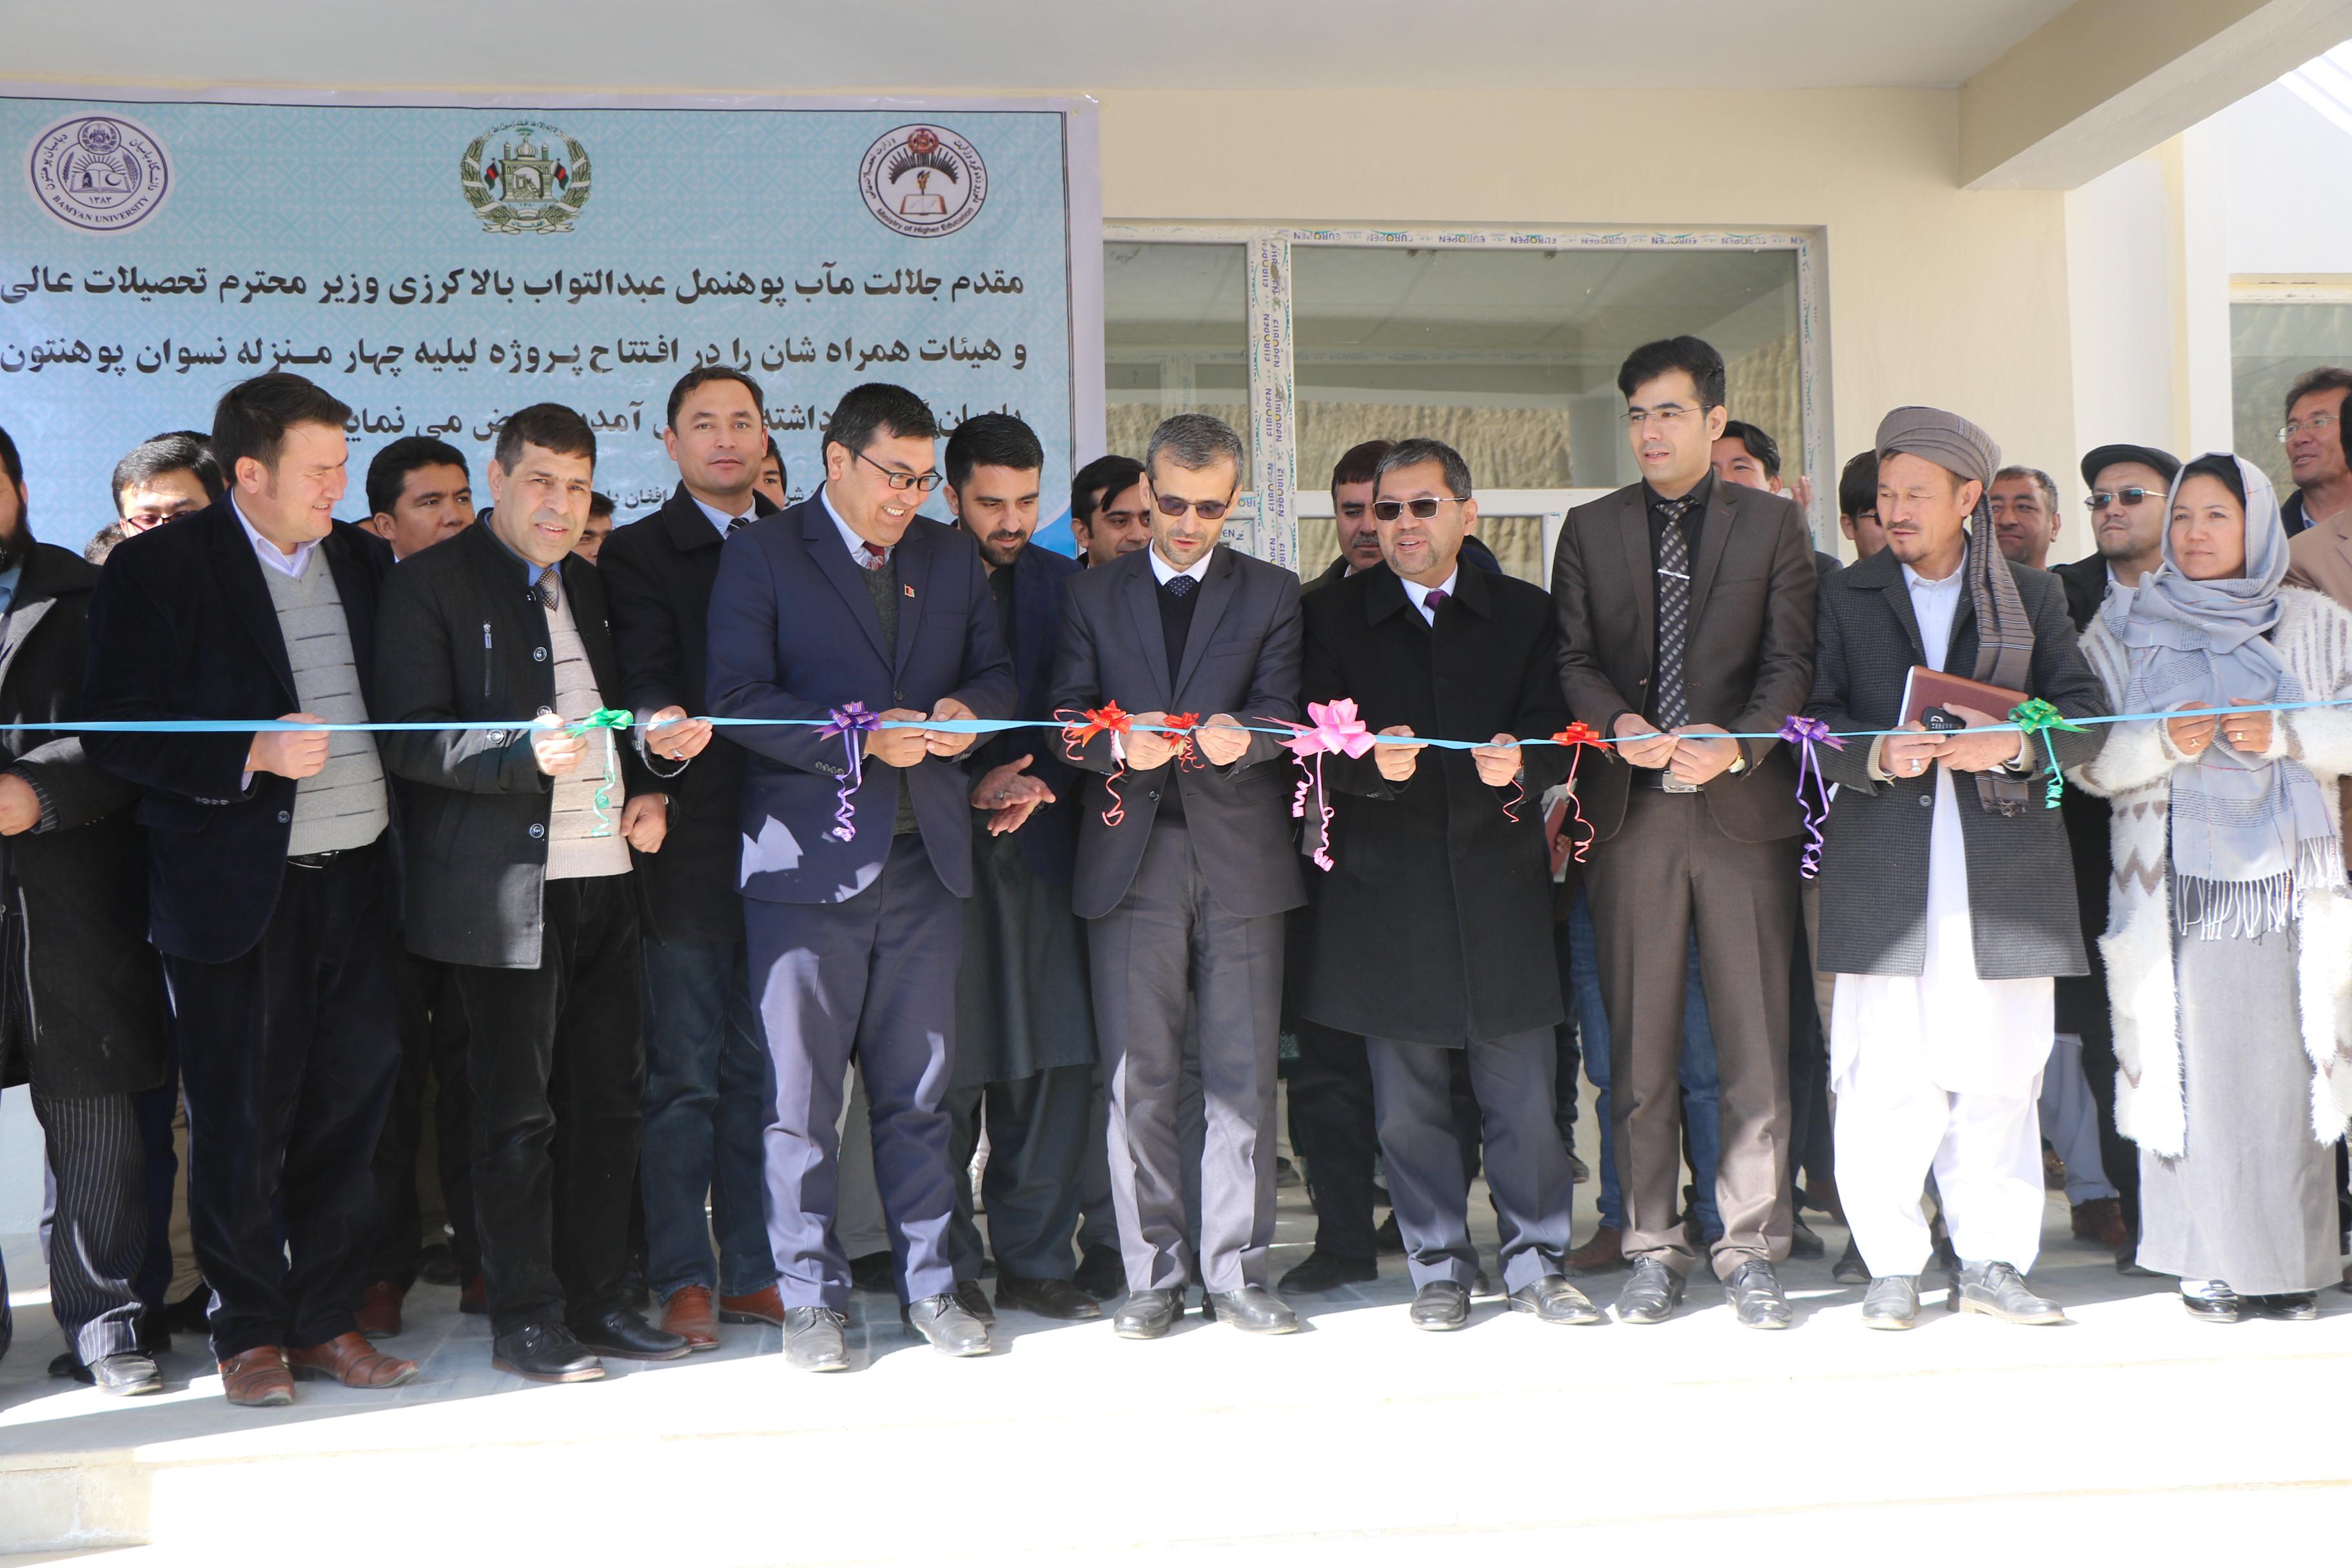 افتتاح هشت پروژه انکشافی در پوهنتون بامیان